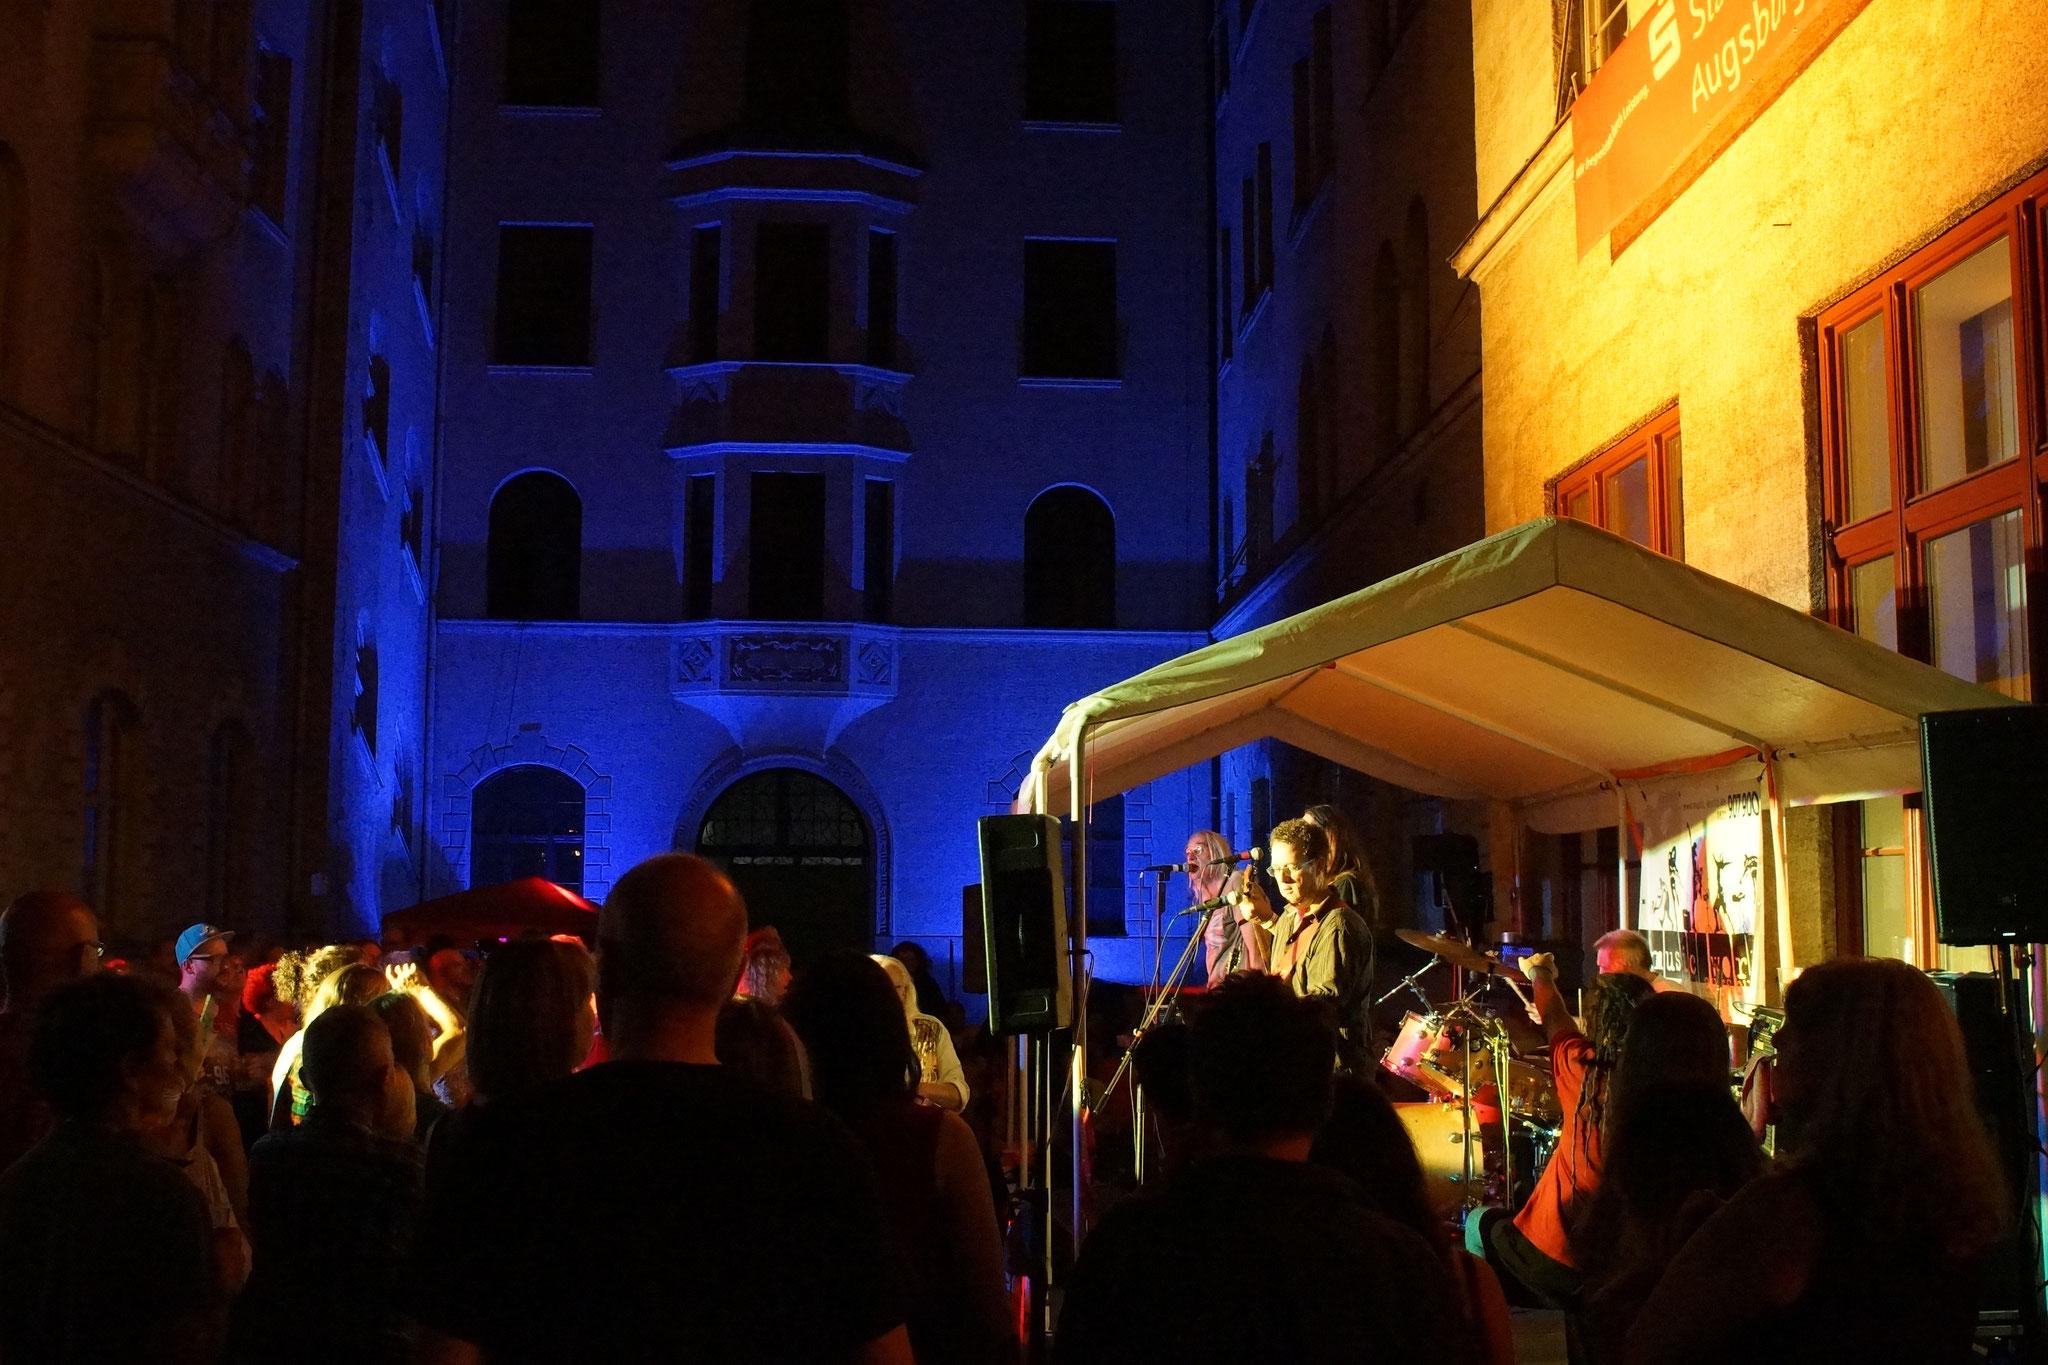 Konzerte im Bürgerhof 03.07.15 Sunday in Jail - Freiwilligen-Zentrum Augsburg - Foto: Crayfish